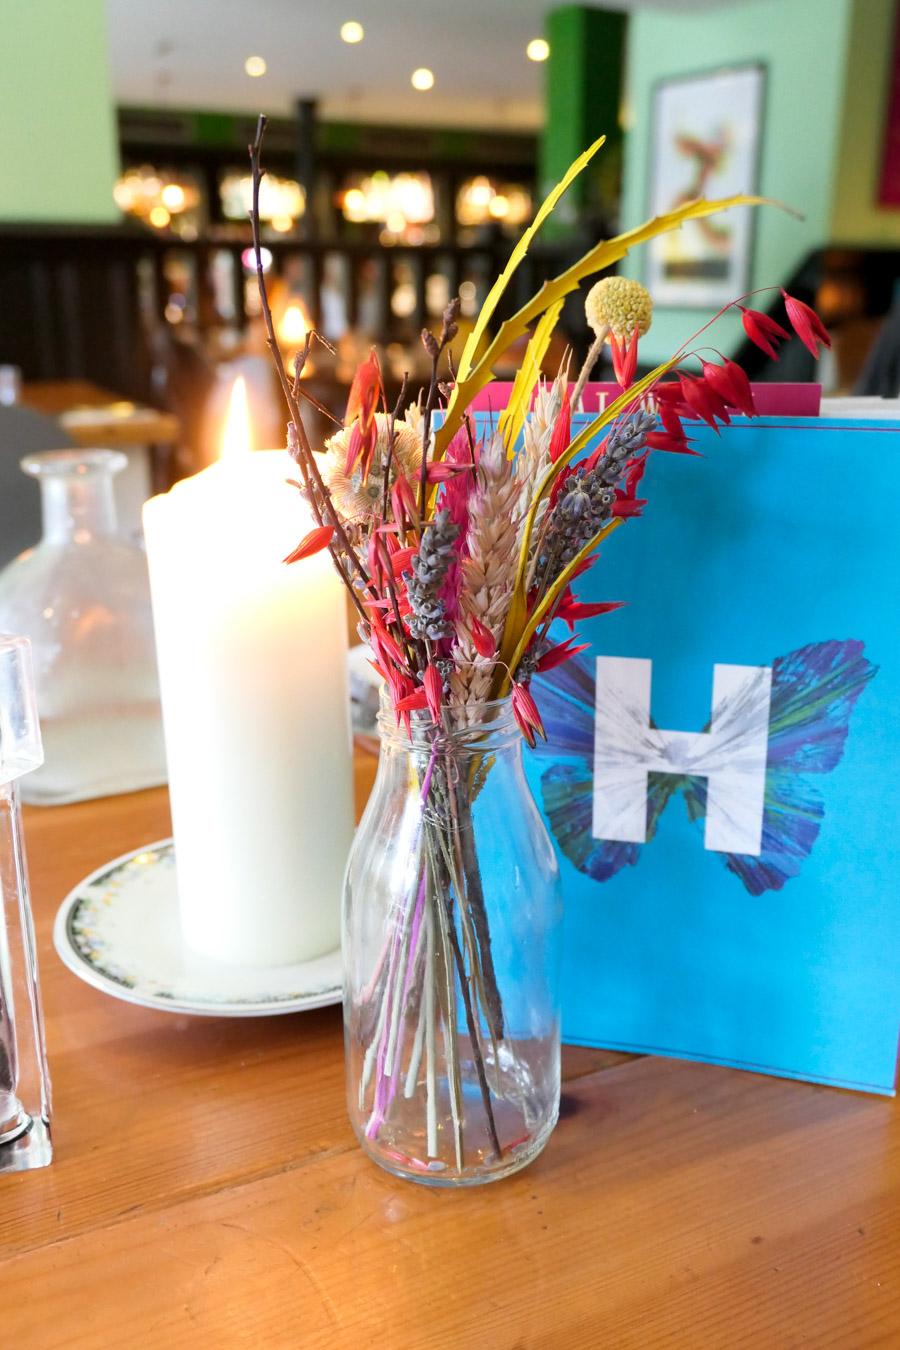 Best Stockbridge Edinburgh Restaurants Travel Guide - Hamilton's